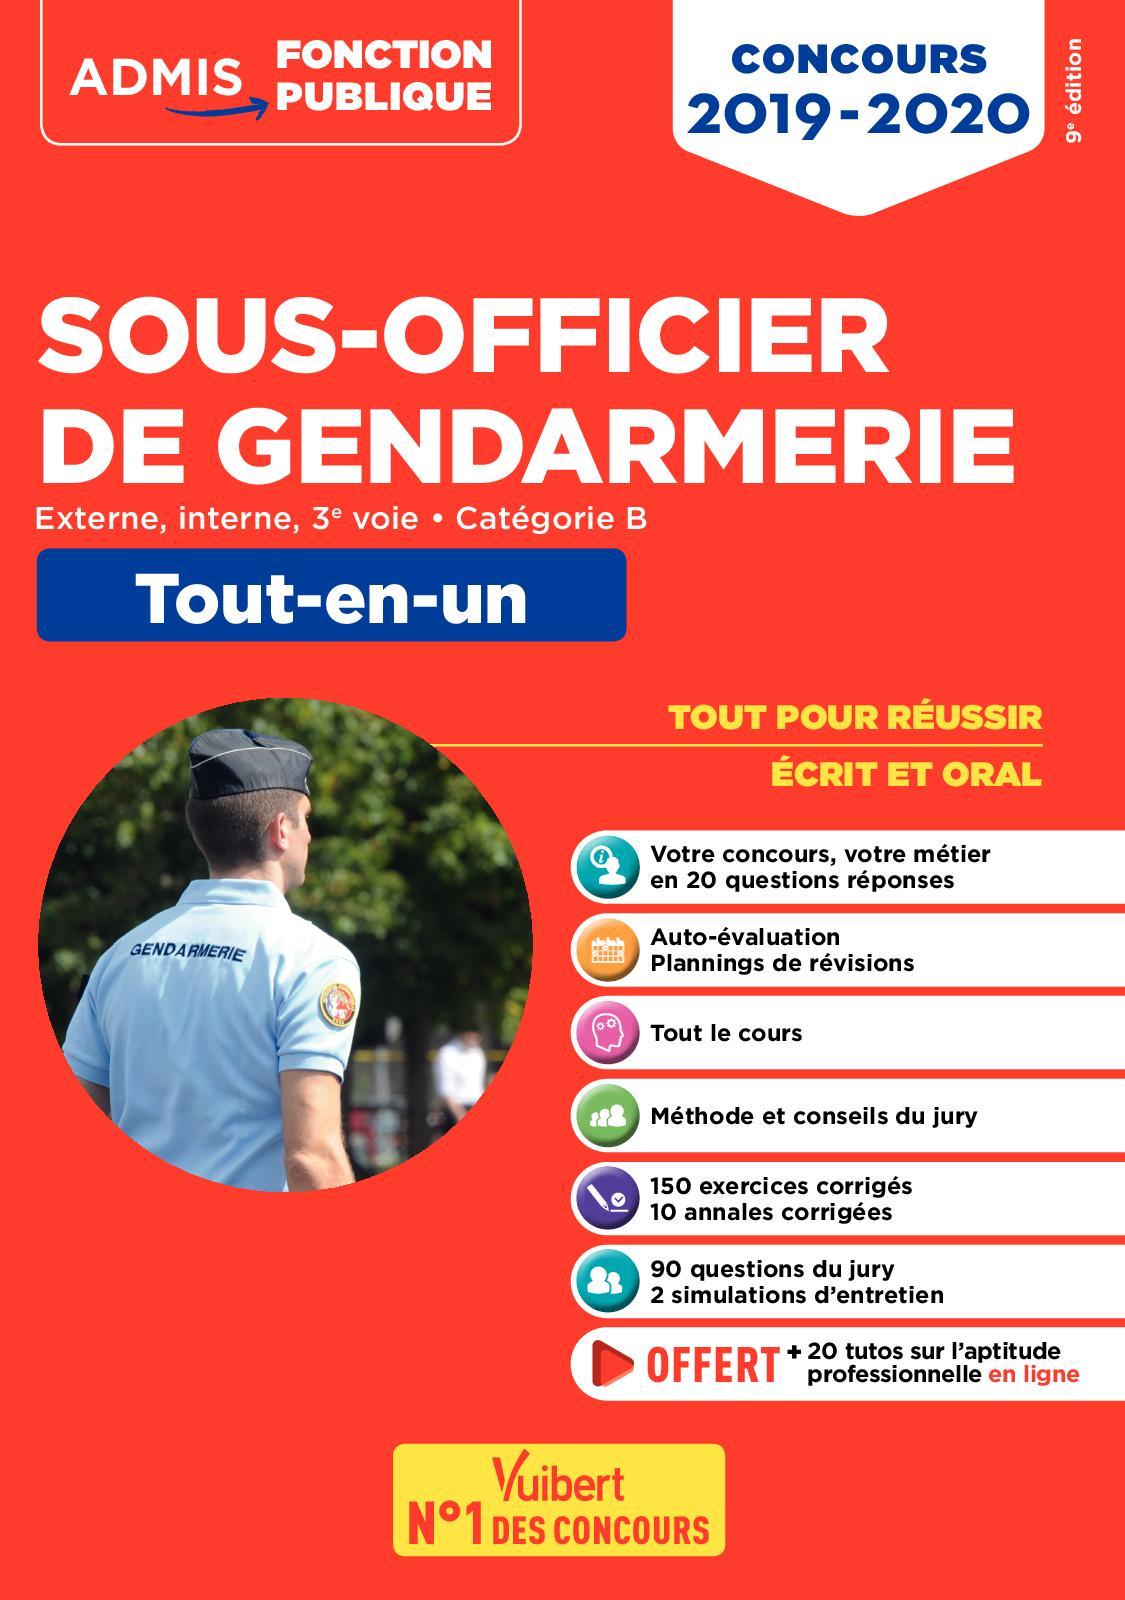 Concours Sous Officier Gendarmerie Septembre 2016 : concours, officier, gendarmerie, septembre, Calaméo, Extrait, Concours, Sous-officier, Gendarmerie, Catégorie, Tout-en-un